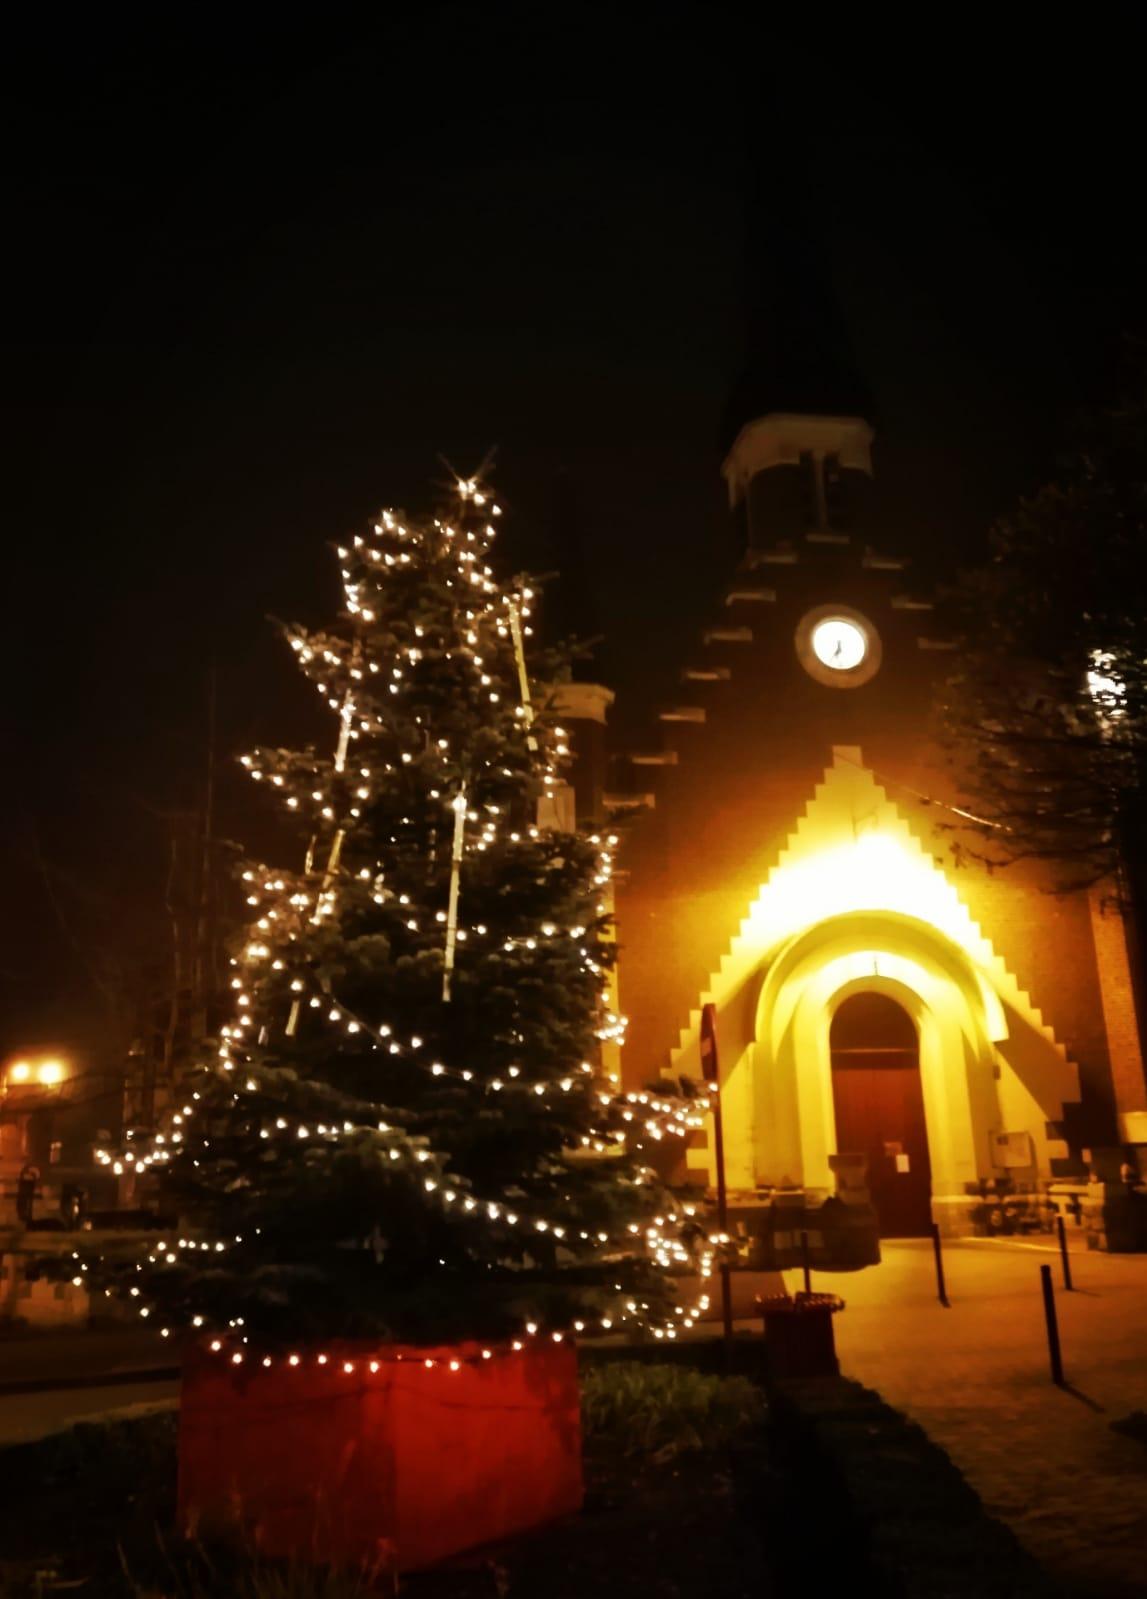 La commune s'illumine pour les fêtes de fin d'année